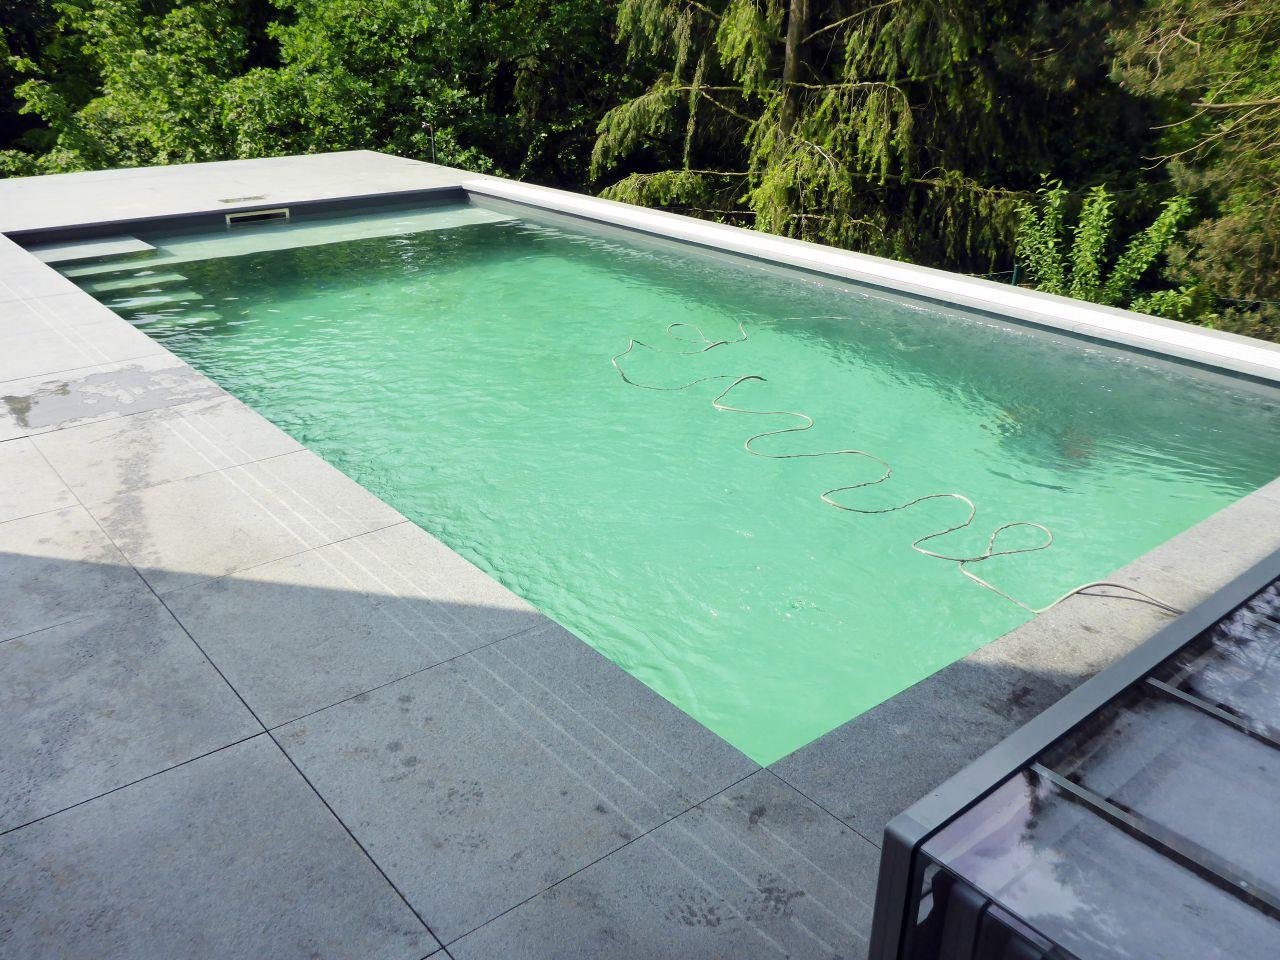 Schwimmbad 4x8x1 5m Mit Ecktreppe Podest Und Pool Uberdachung